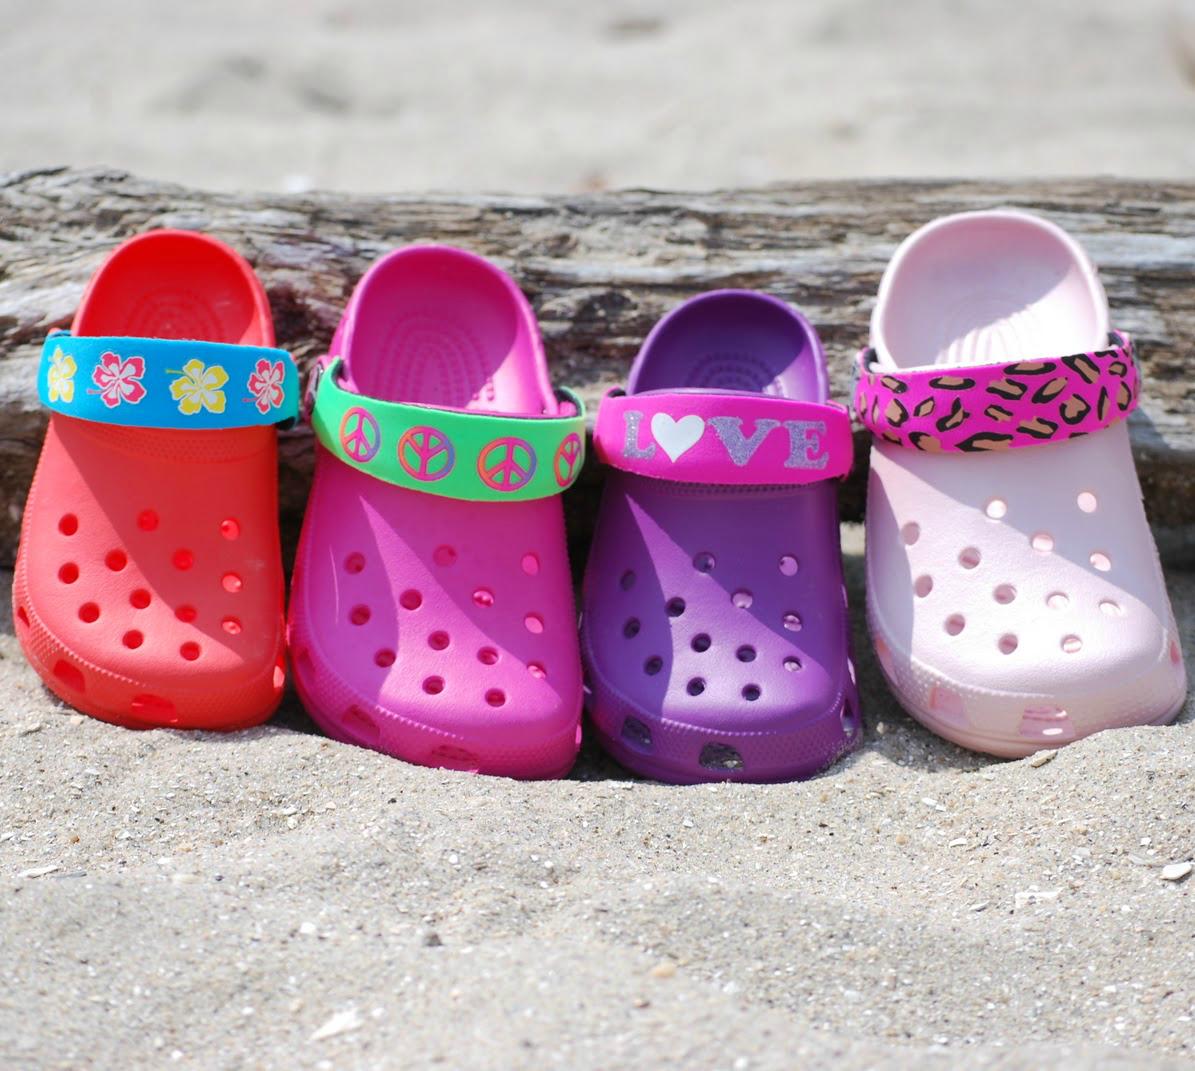 Як вибрати взуття для дитини на море  поради і рекомендації 2492335642a2d